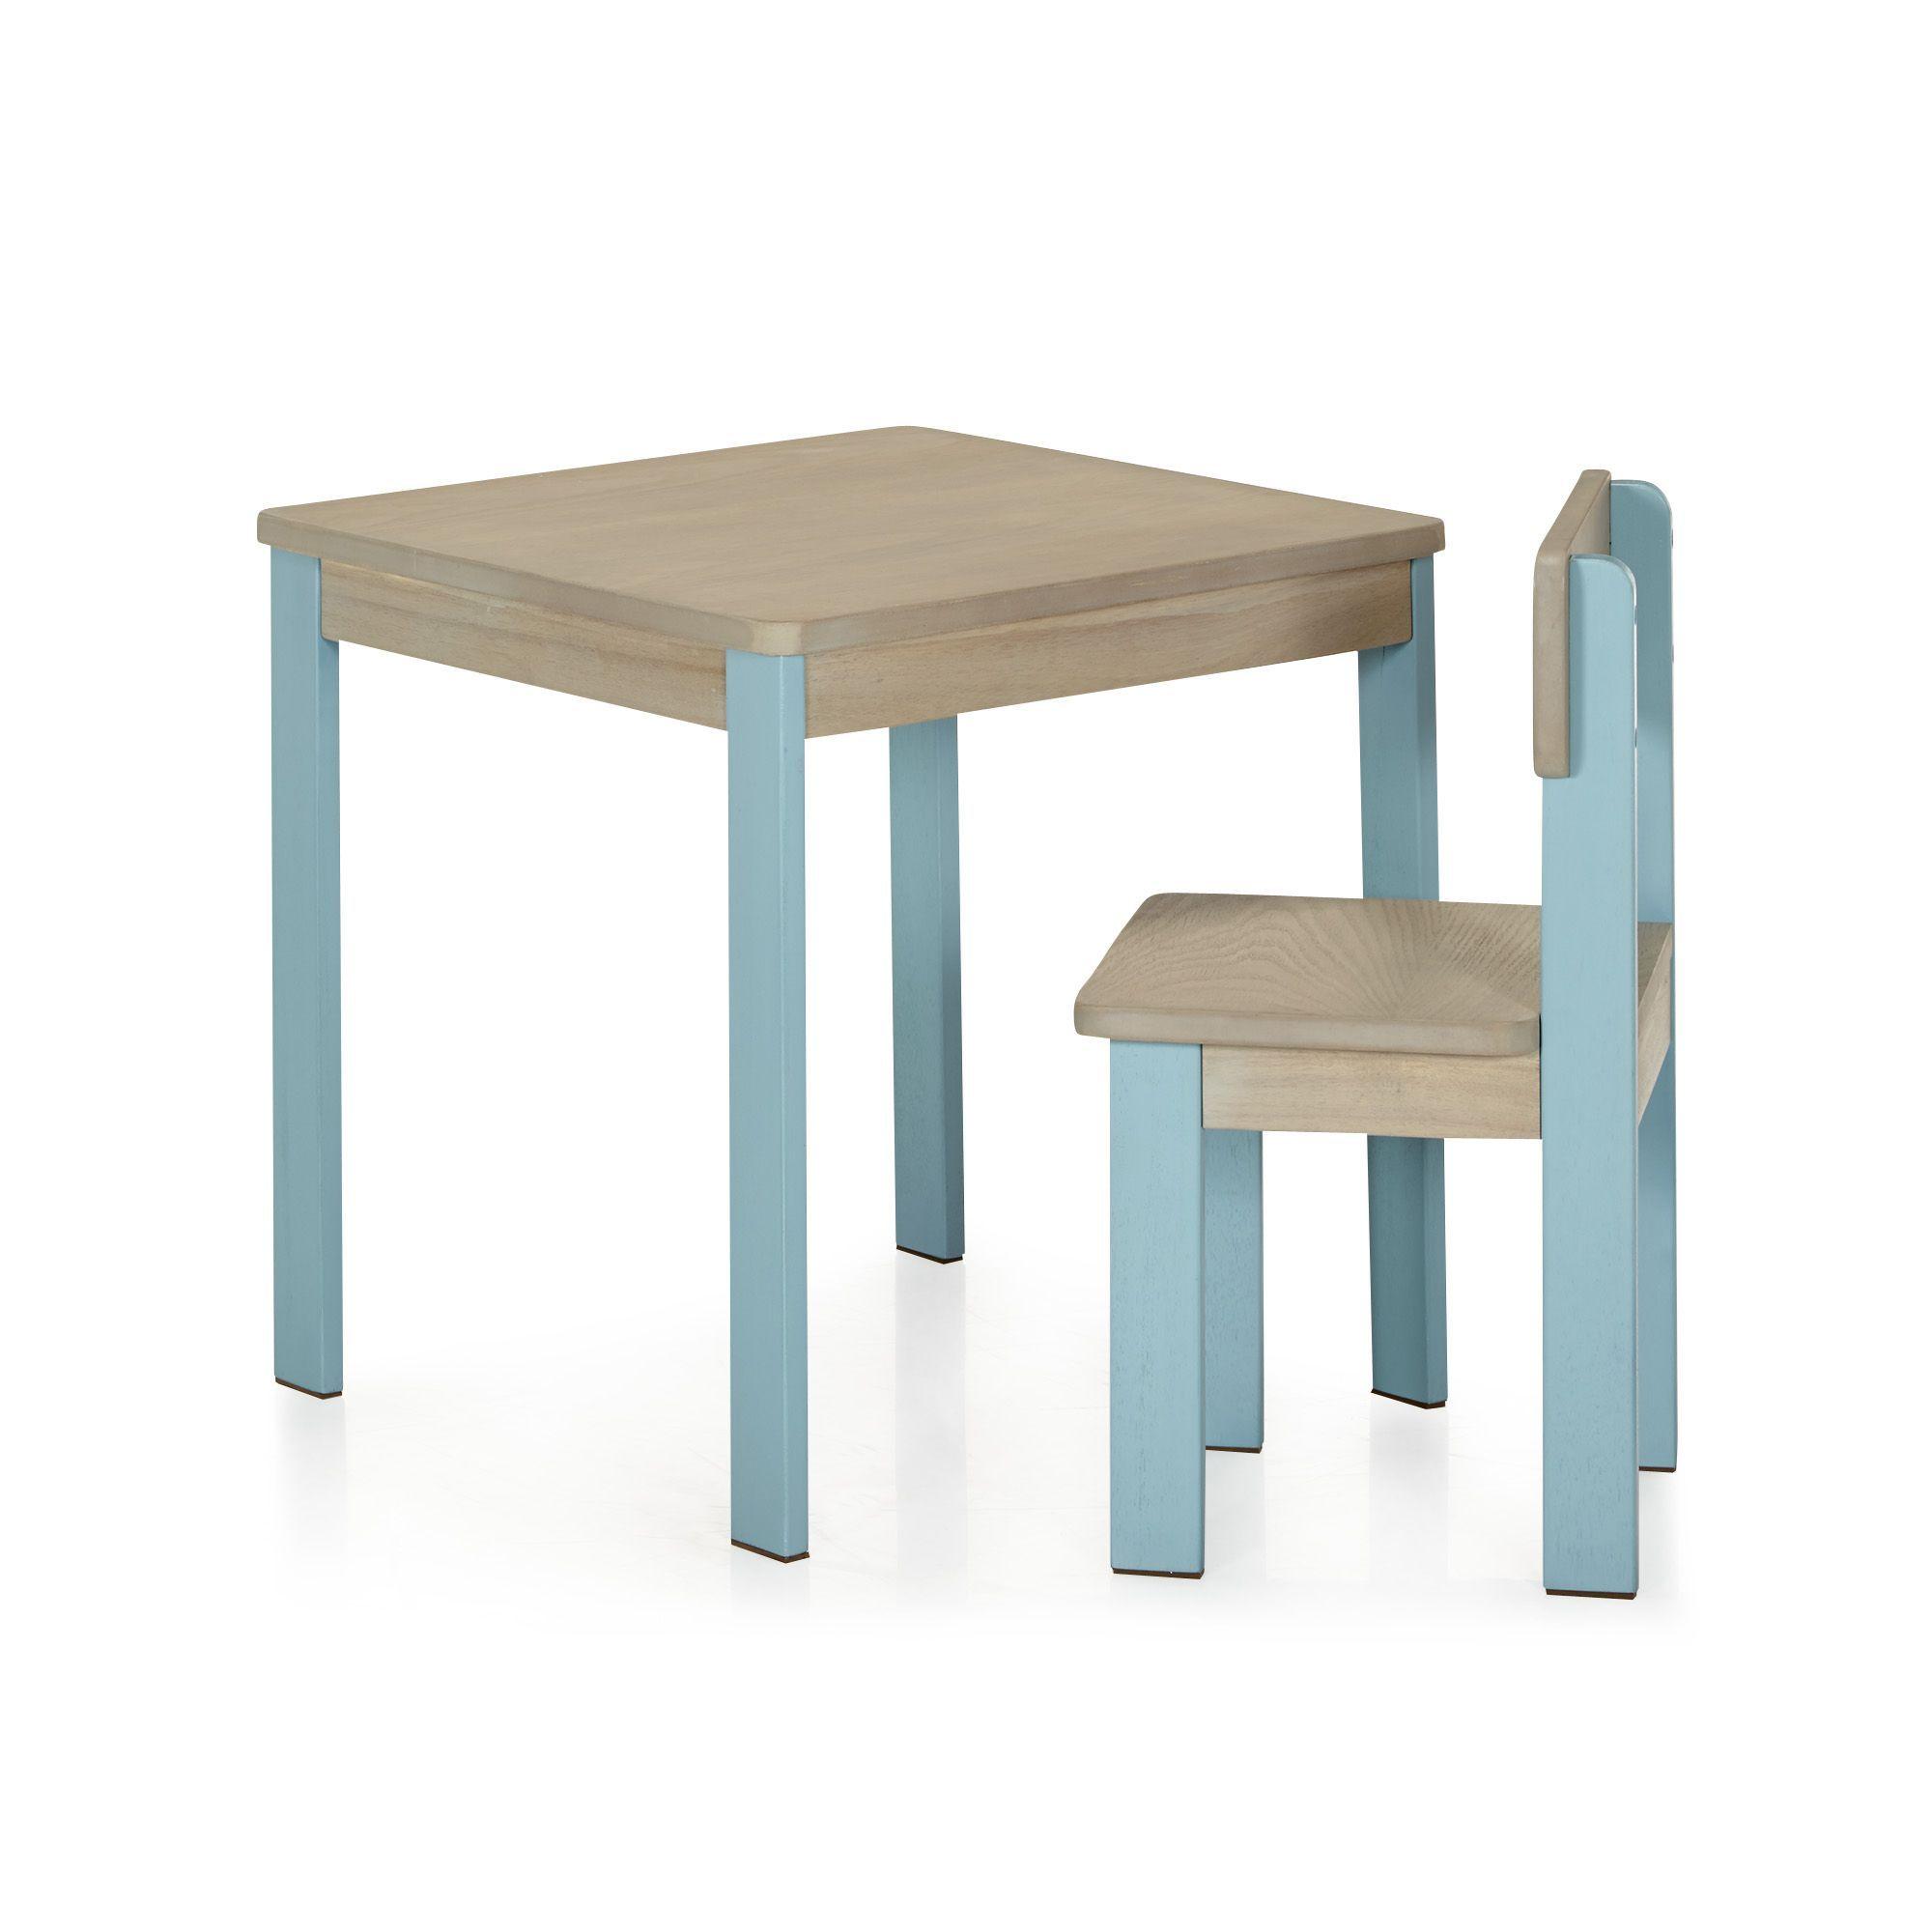 Table Et Chaise Bleus Pour Enfant En Acacia Acaya Bureaux Enfants Meubles Pour Chambre Enfant Univers Des En Mobilier De Salon Table Et Chaises Meuble Deco